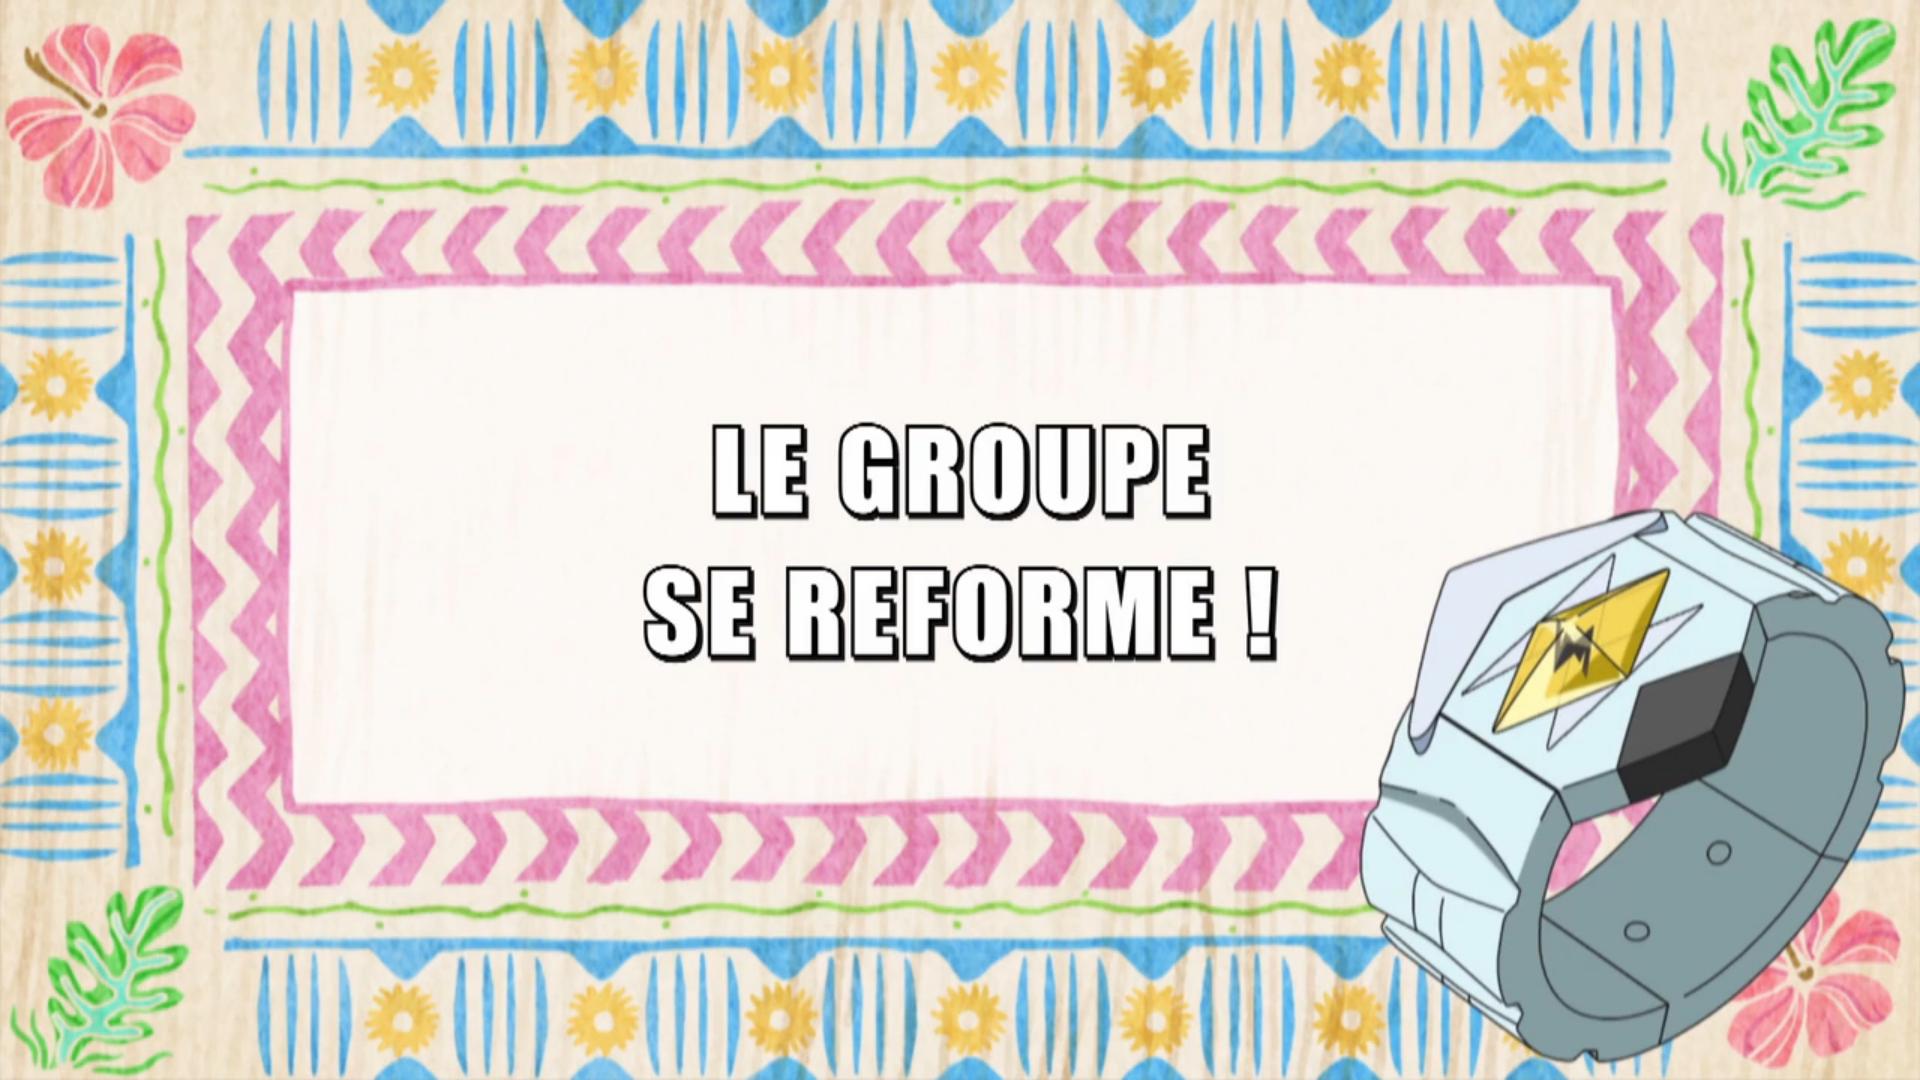 Pokémon - 20x23 - Le groupe se reforme !